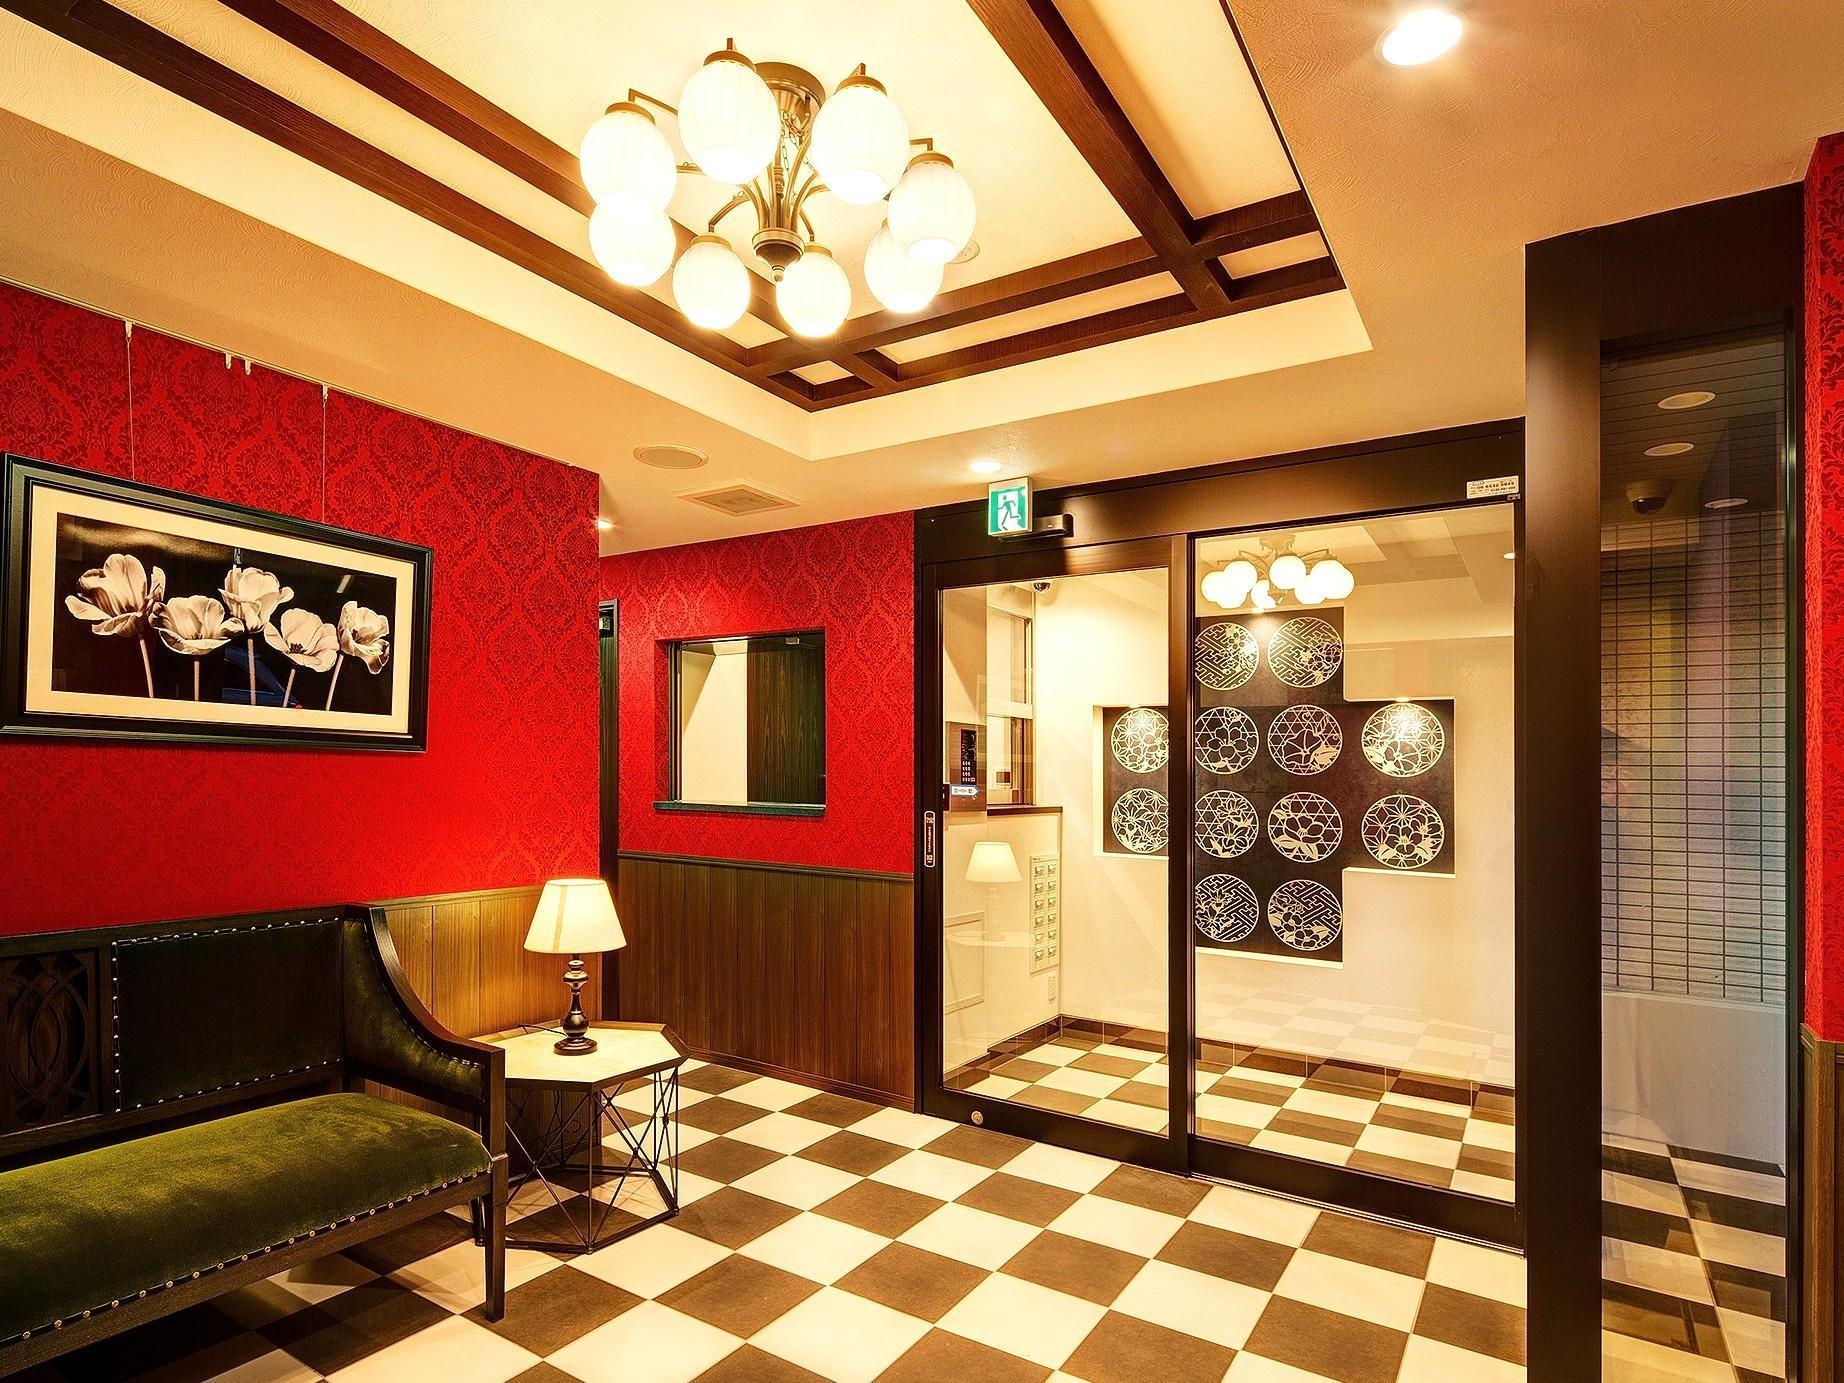 Hotel Sanrriott Kitahama